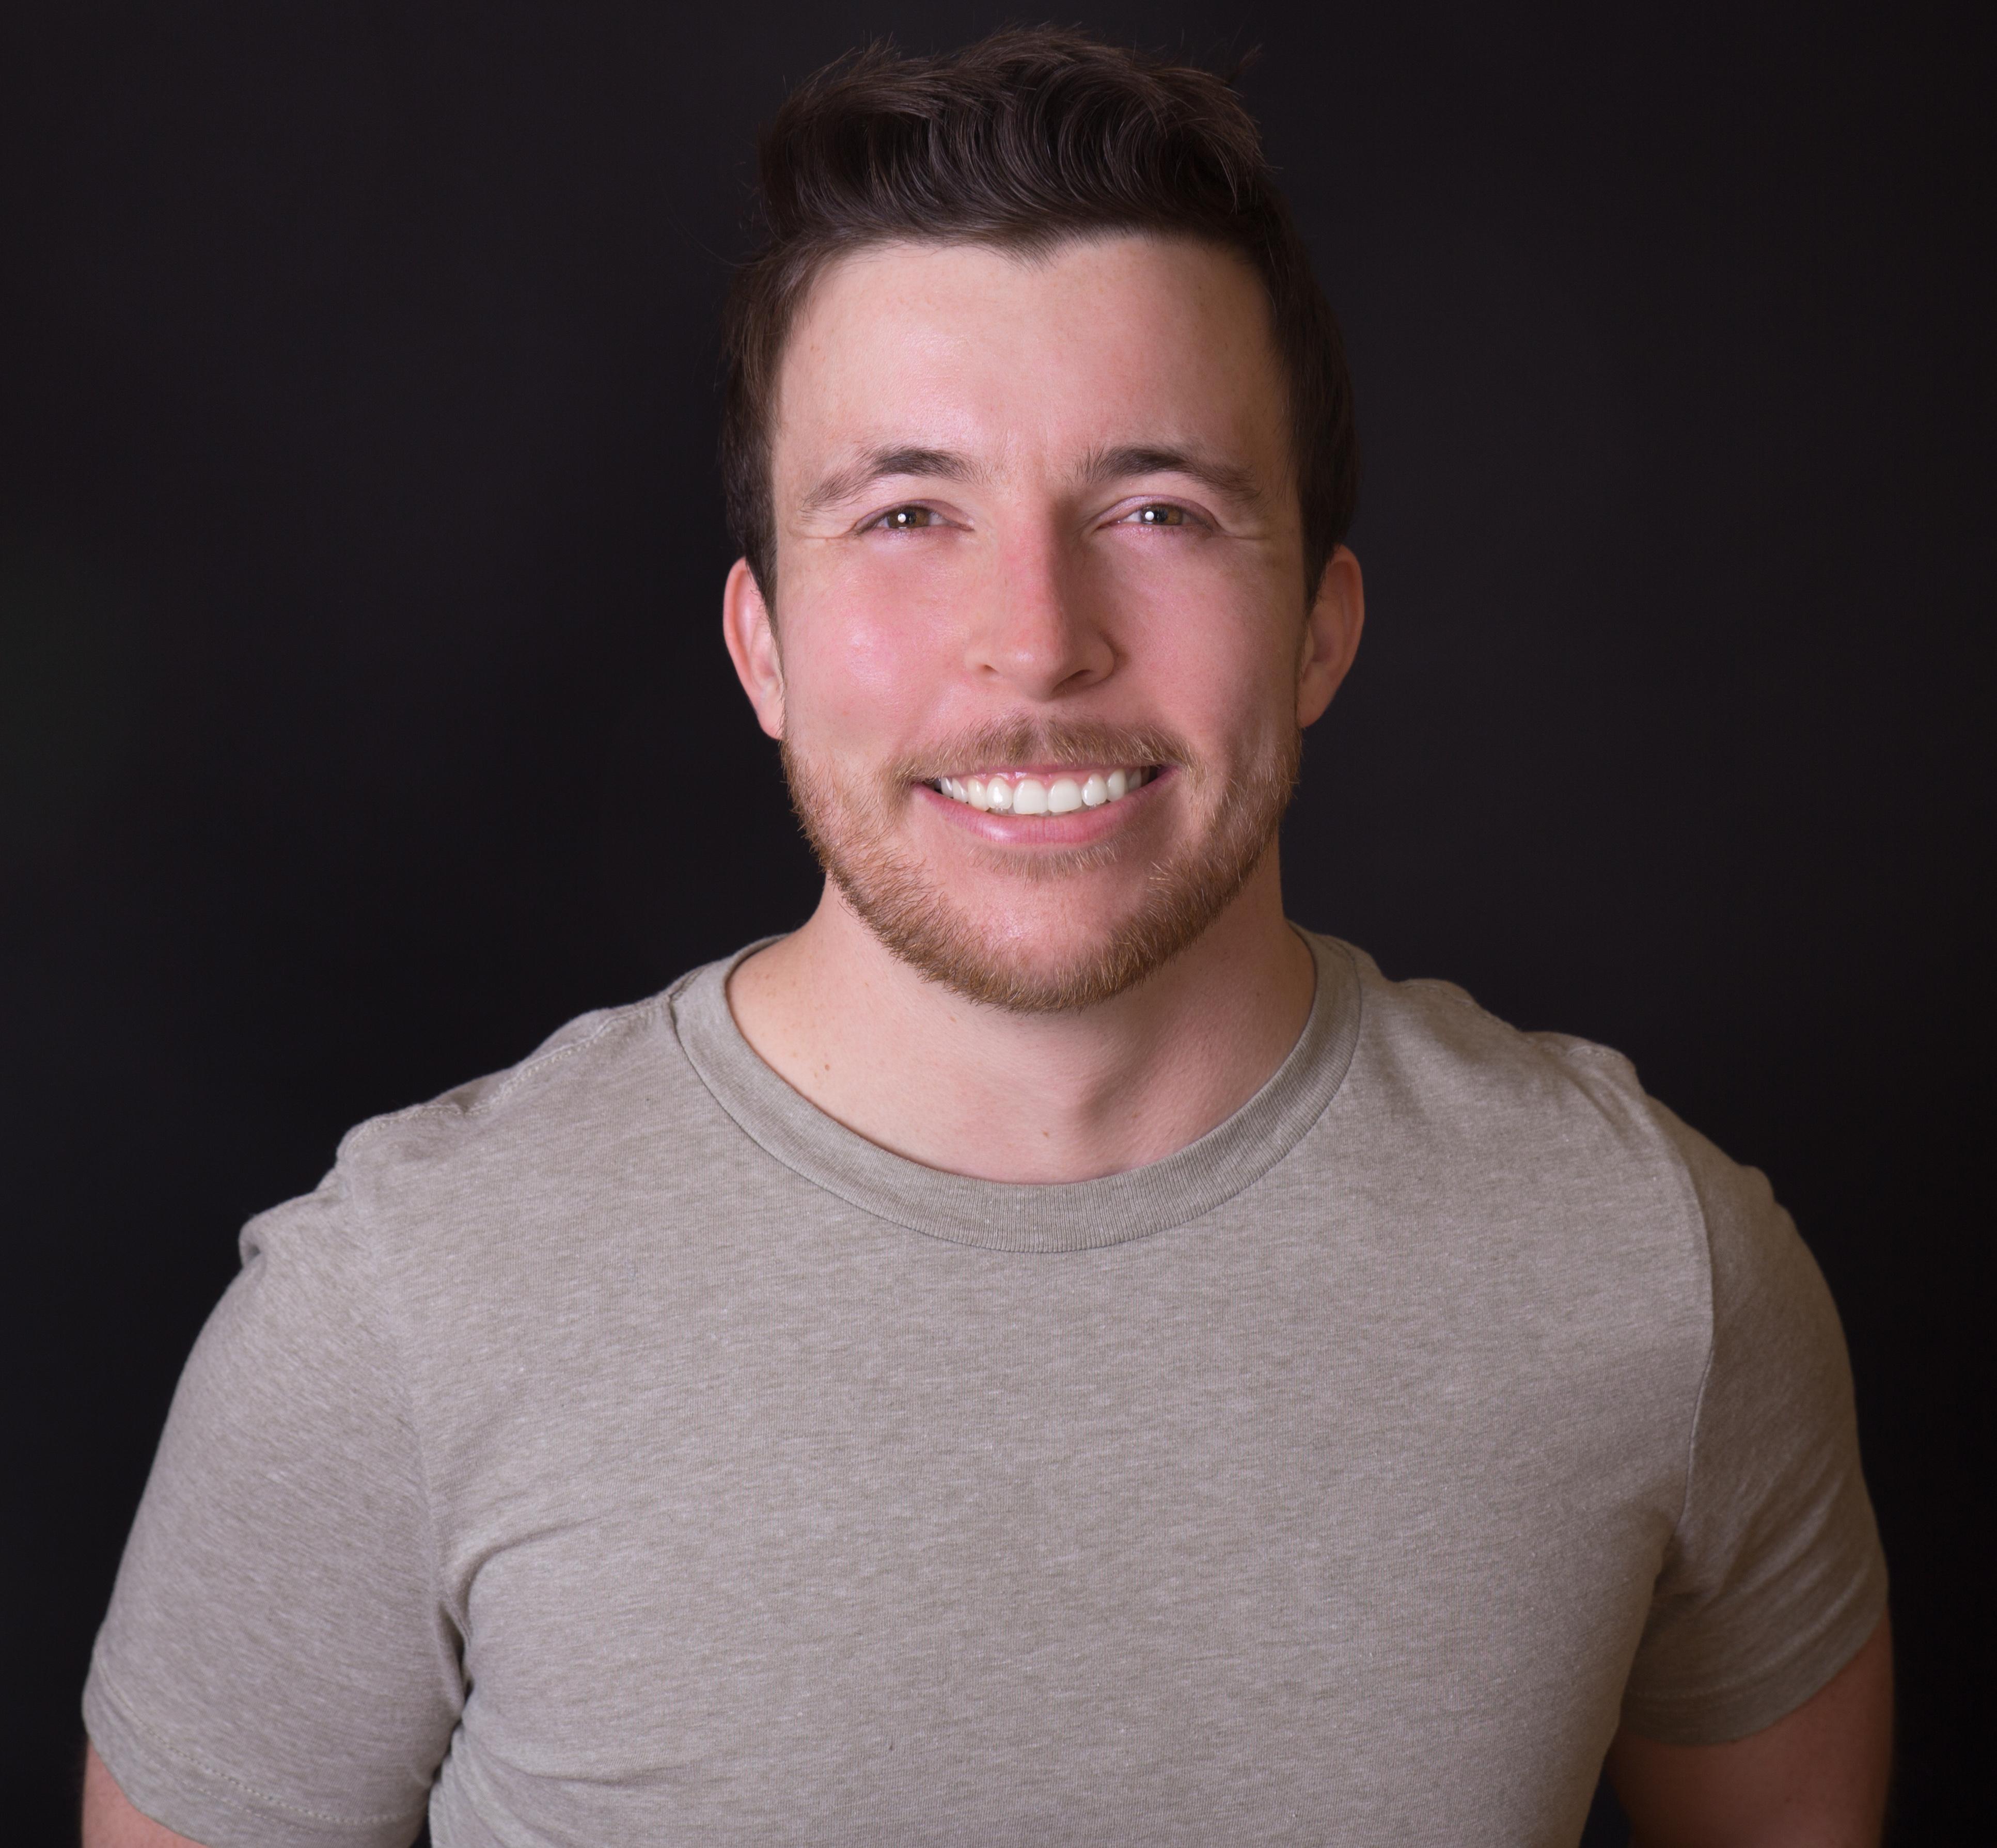 Dylan Werth Headshot 20